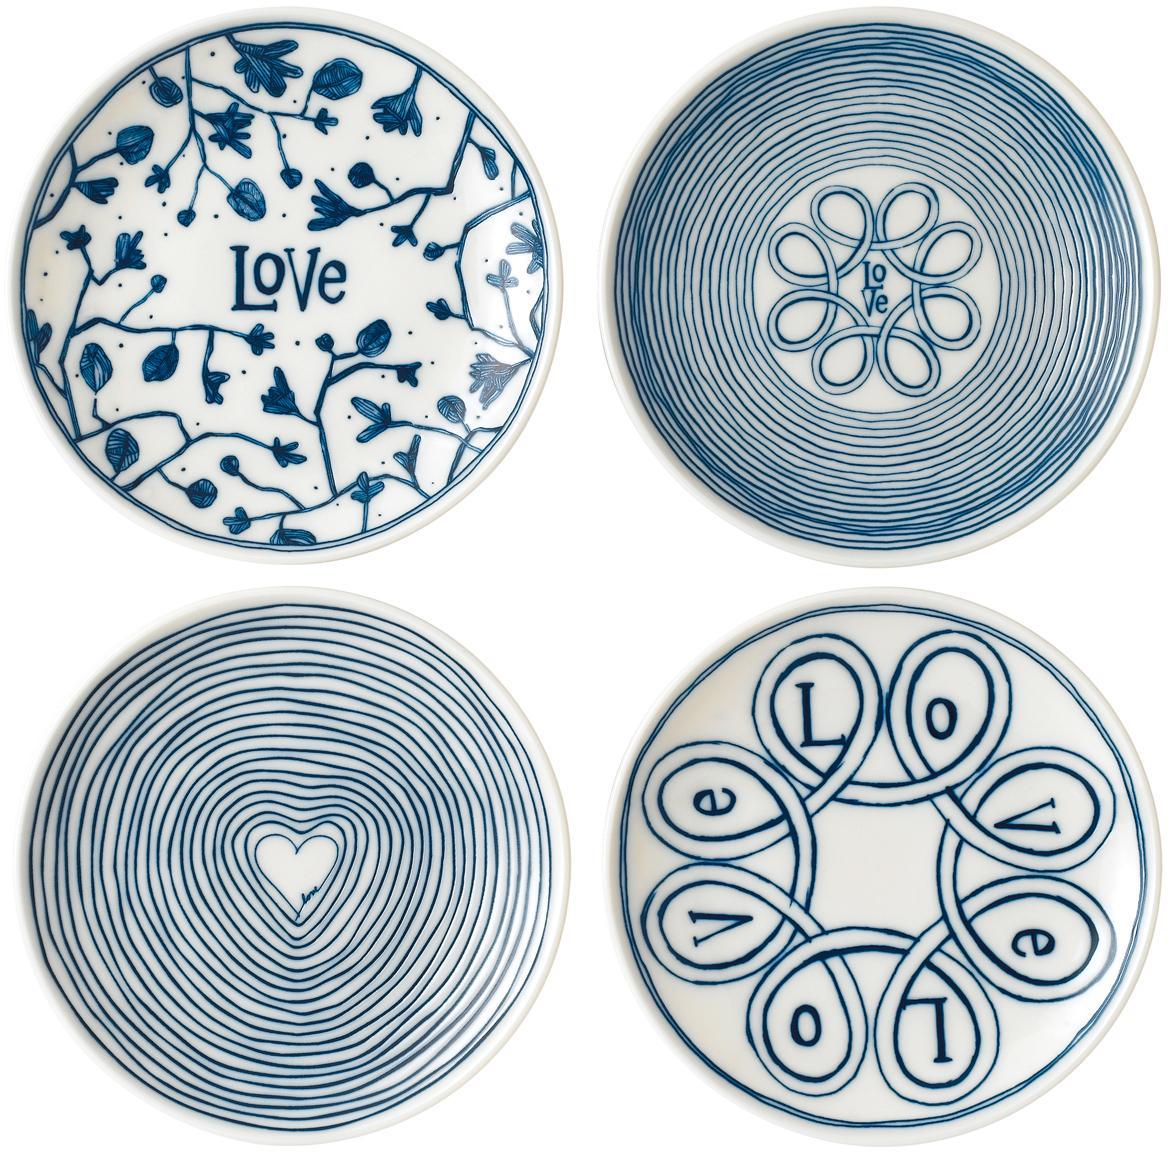 Gemusterte Brotteller Love in Weiß/Blau, 4er-Set, Porzellan, Elfenbein, Kobaltblau, Ø 16 cm